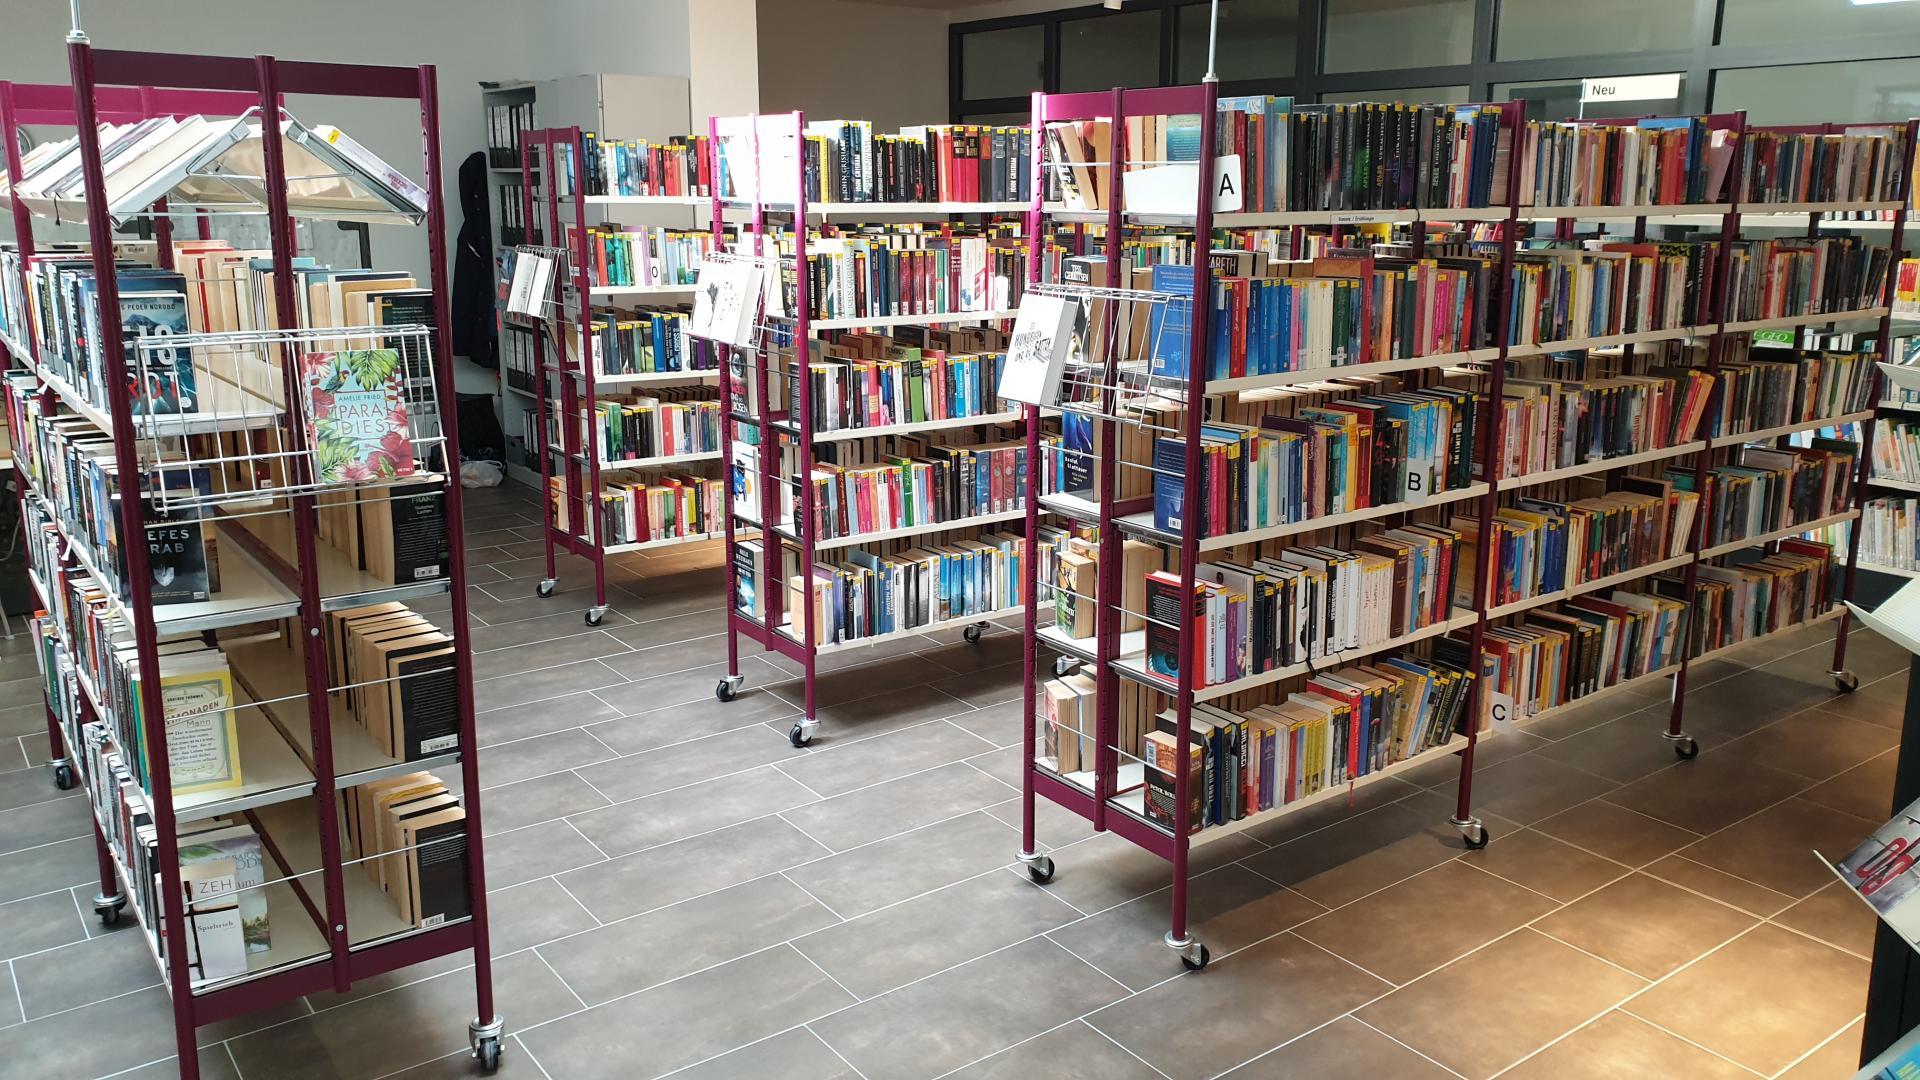 Stadtbibliothek Treuenbrietzen Innenansicht (Foto: Stadtverwaltung Treuenbrietzen)